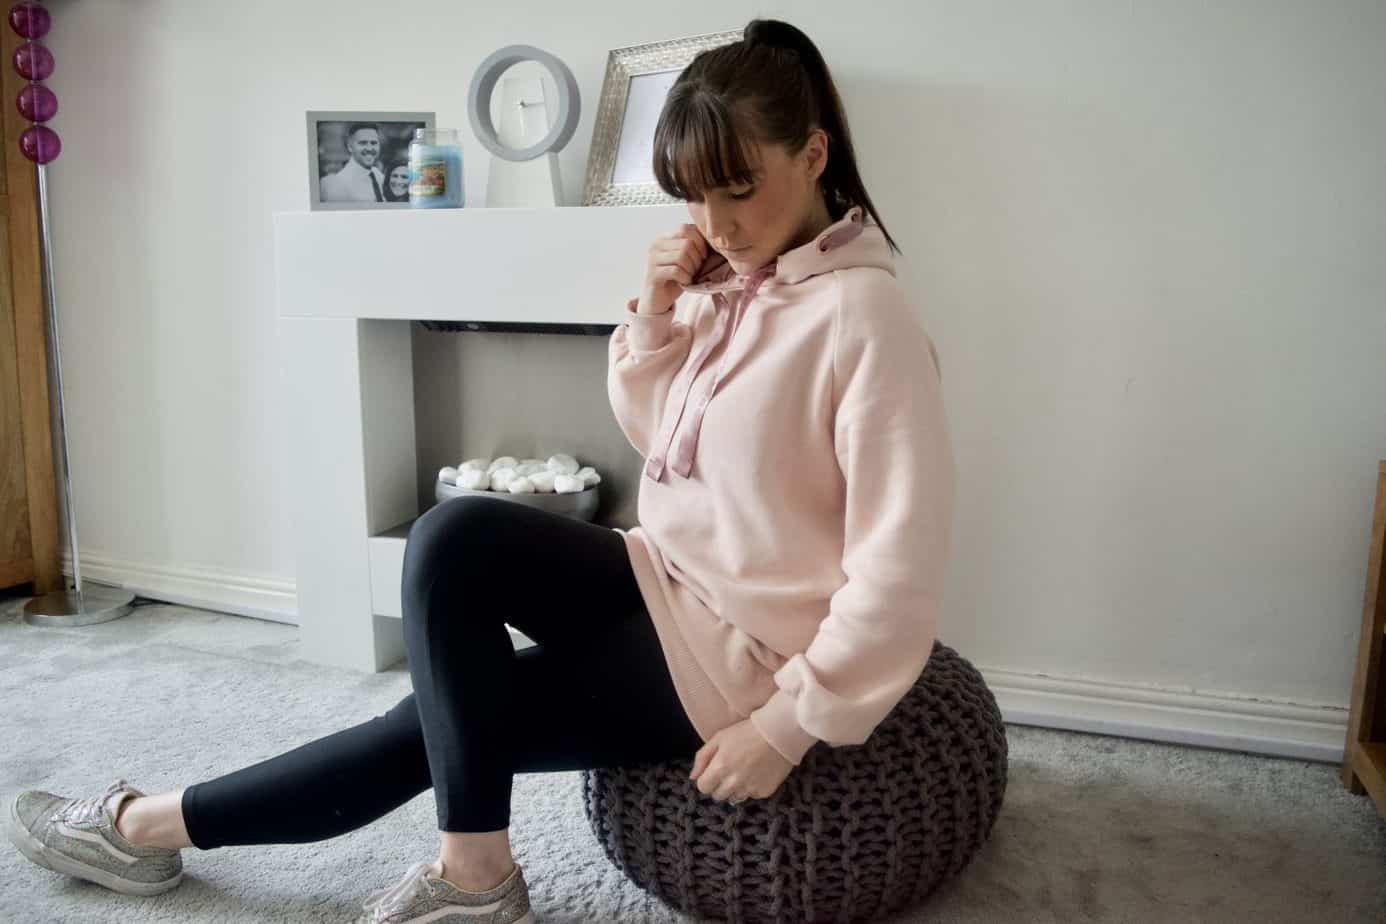 Super comfort wearing the HKMX hooded sweater from the new Doutzen Dk1985 sportswear range